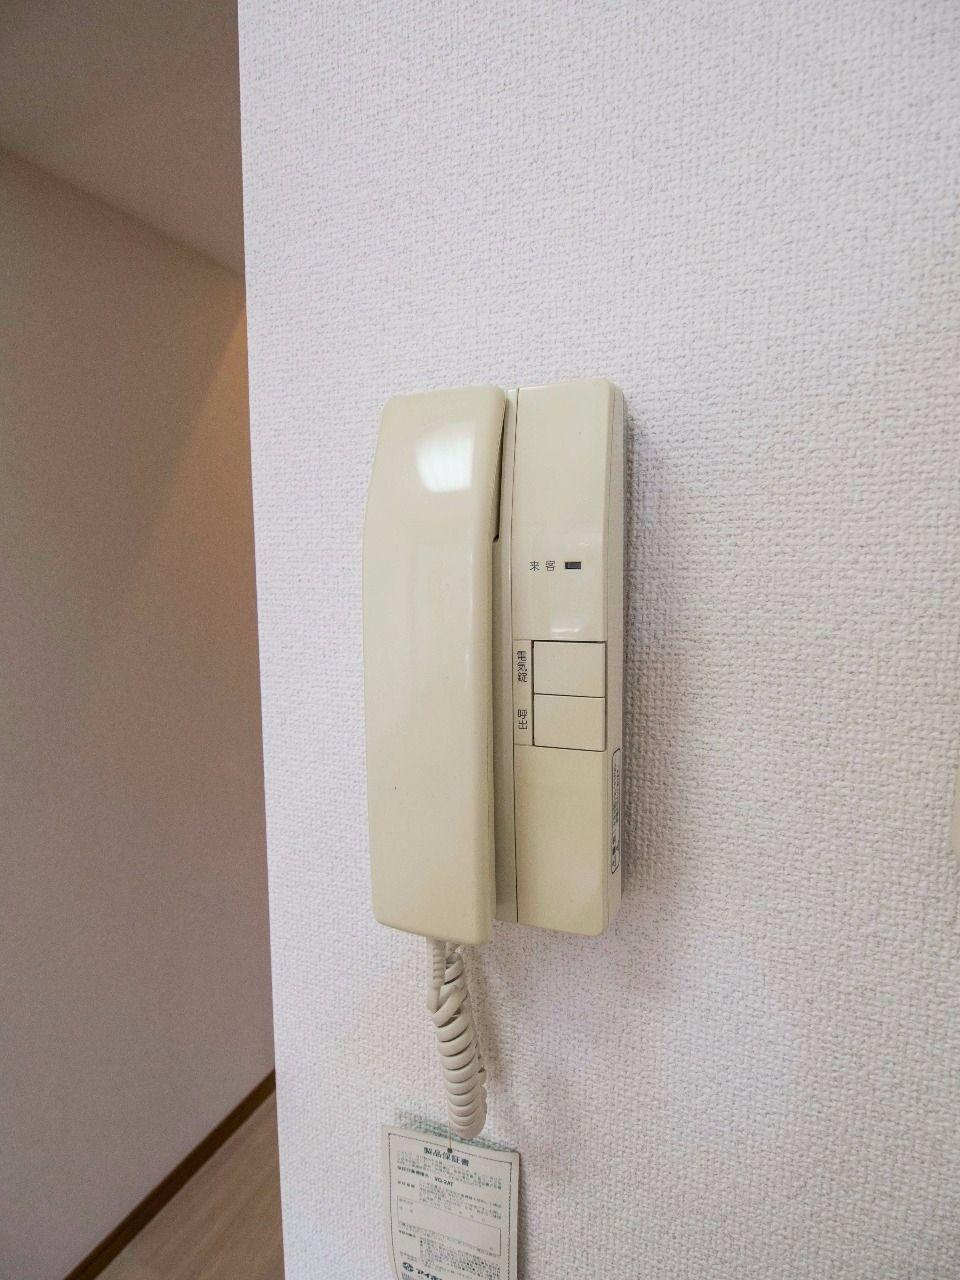 オートロックの解錠機能もある室内インターホン